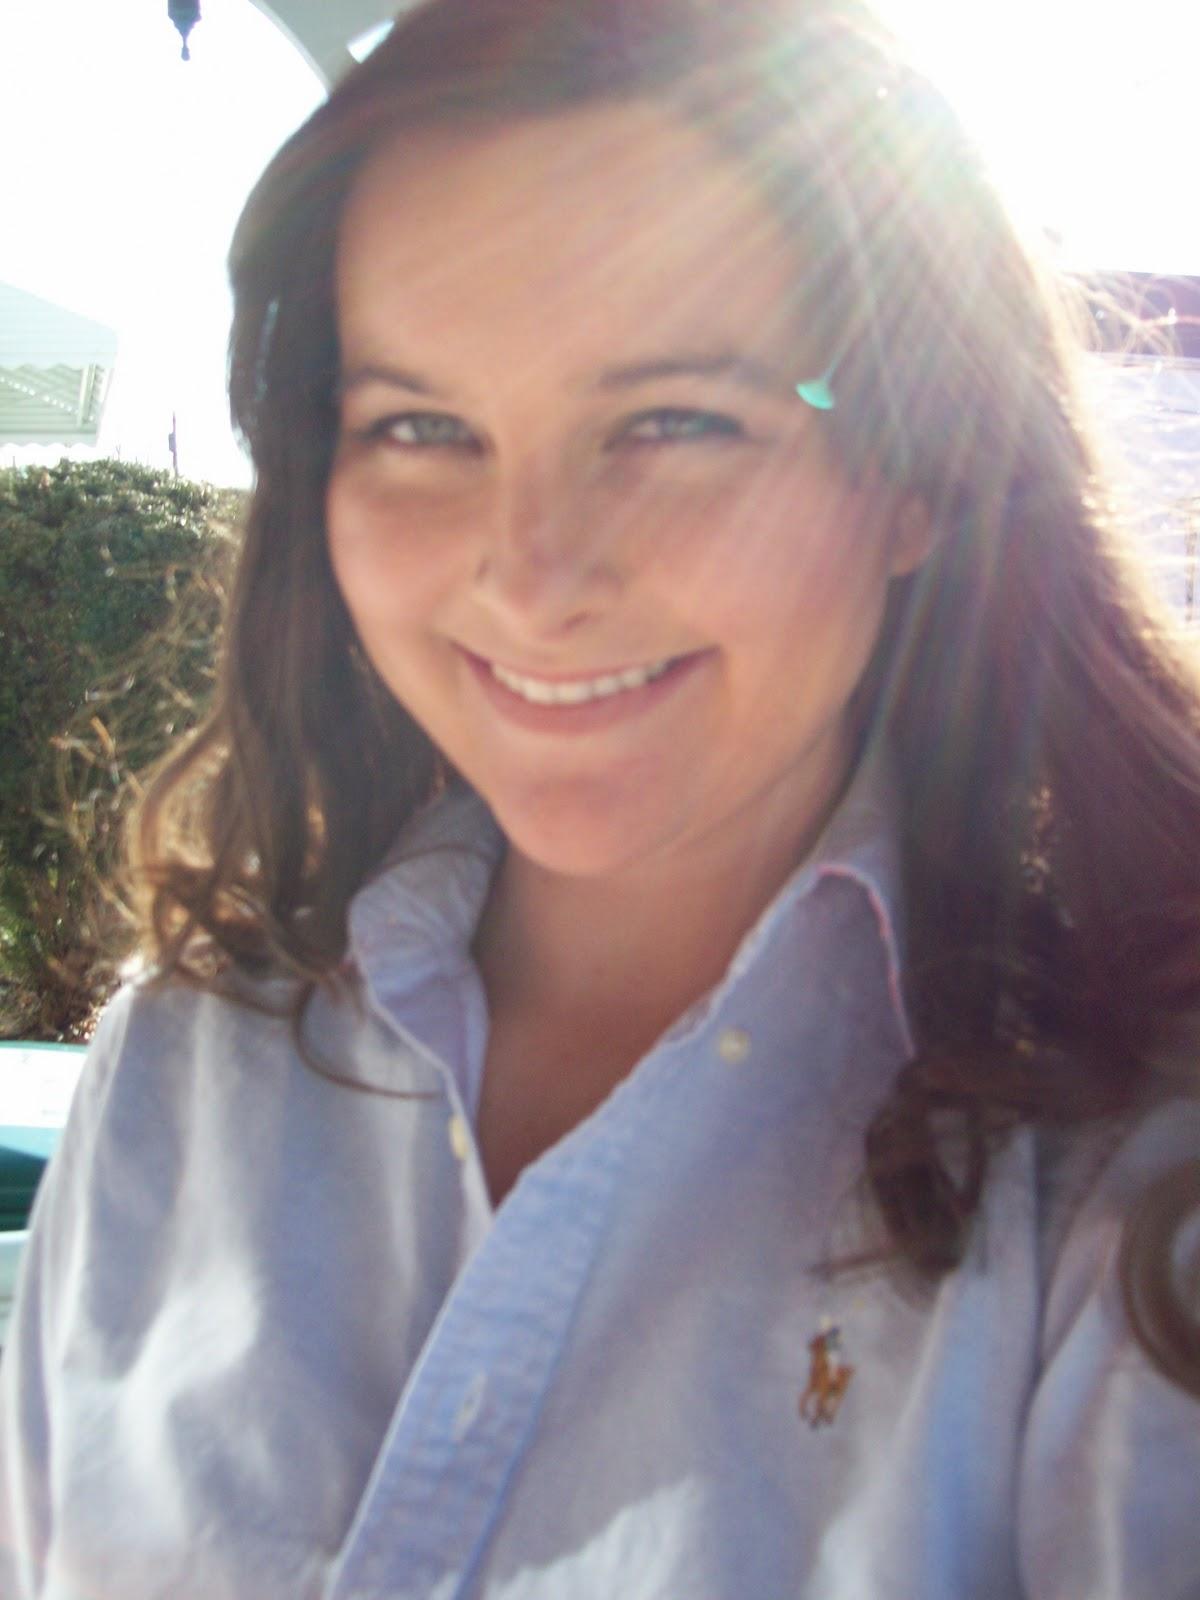 http://1.bp.blogspot.com/_UMs9XRC34wc/TUXh-P19WfI/AAAAAAAAAmo/cWD8Wd8E3Ns/s1600/makeup2+049.JPG